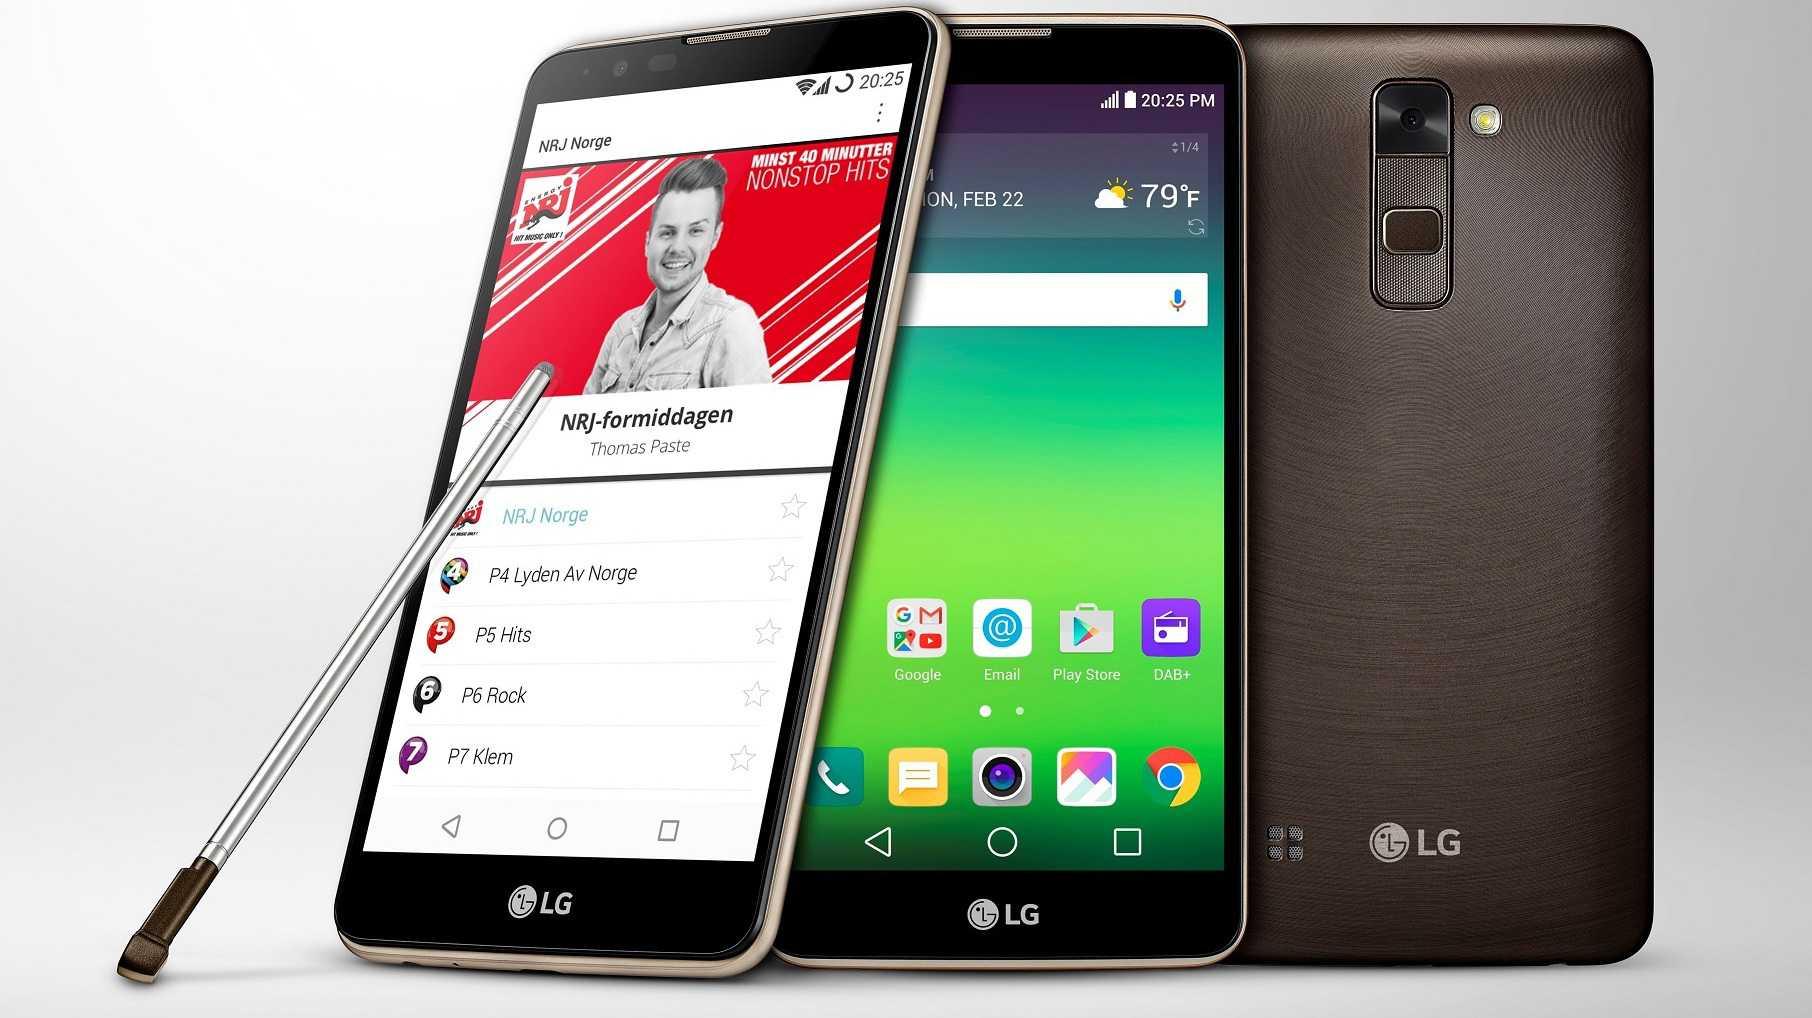 LG Stylus 2: Smartphone mit Digitalradio DAB+ und Stift